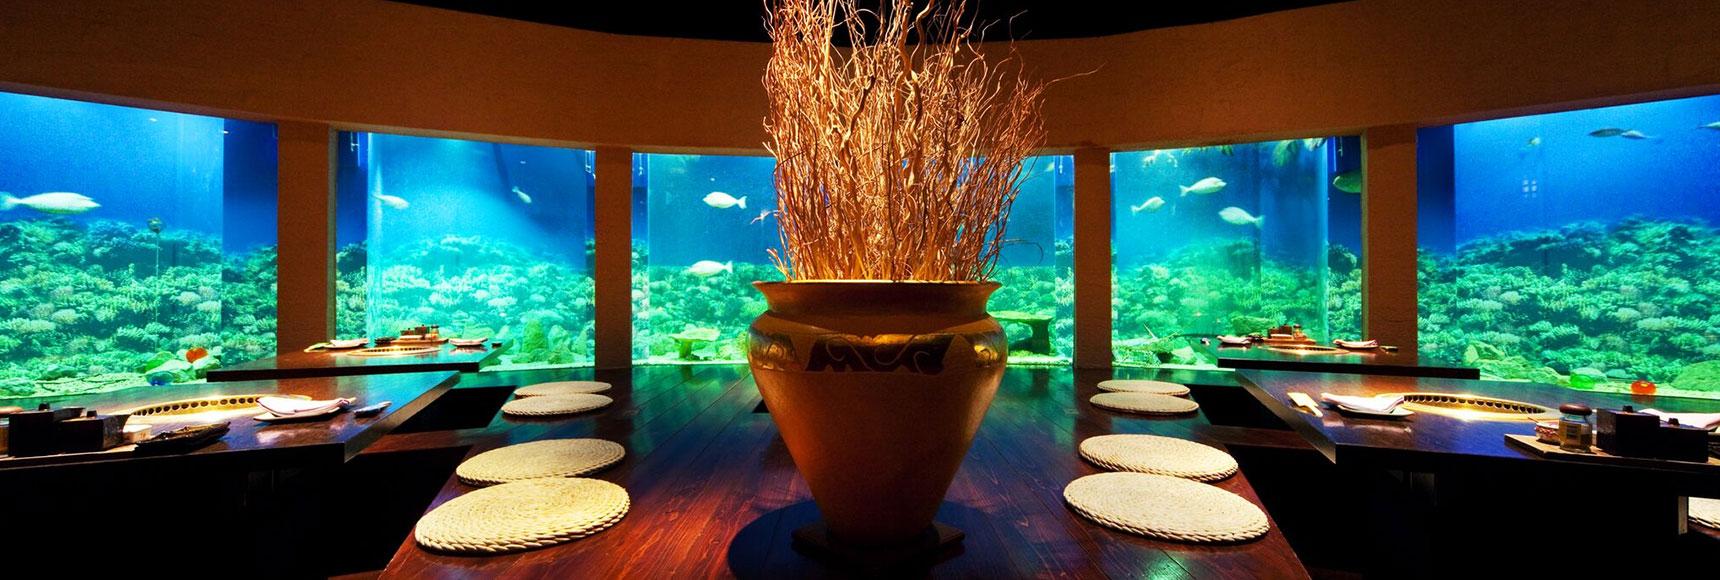 琉球炭火焼 海風 うみかじ ルネッサンス リゾート オキナワ  沖縄 ホテル ディナー